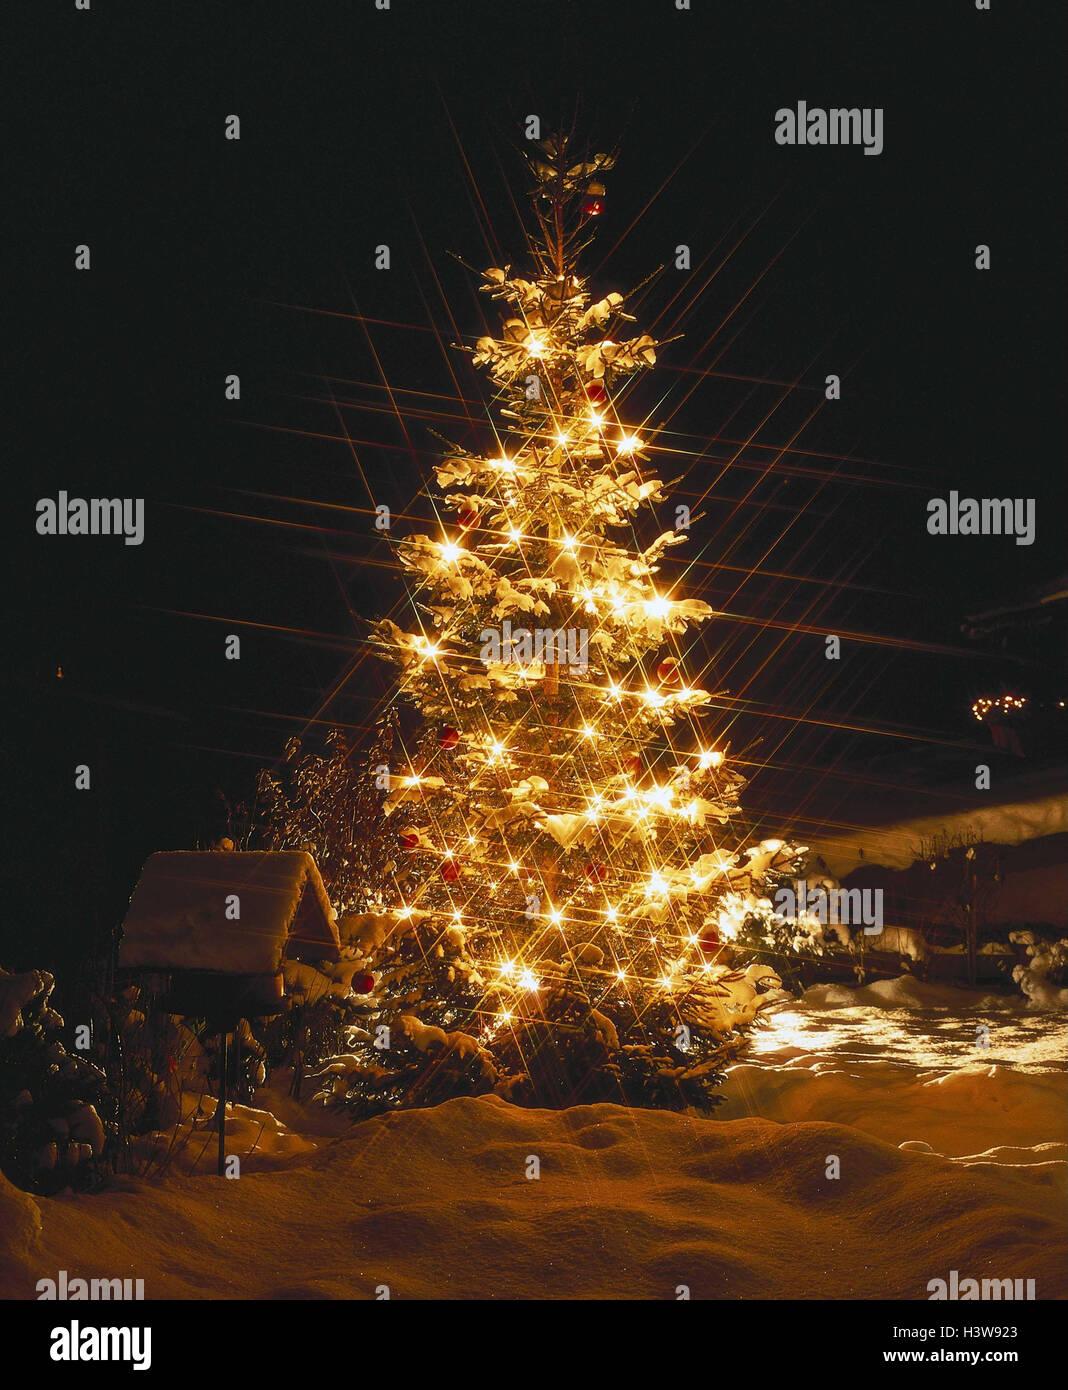 Winter, Weihnachten, Baum, Beleuchtung, Nacht, Winter, Weihnachten ...